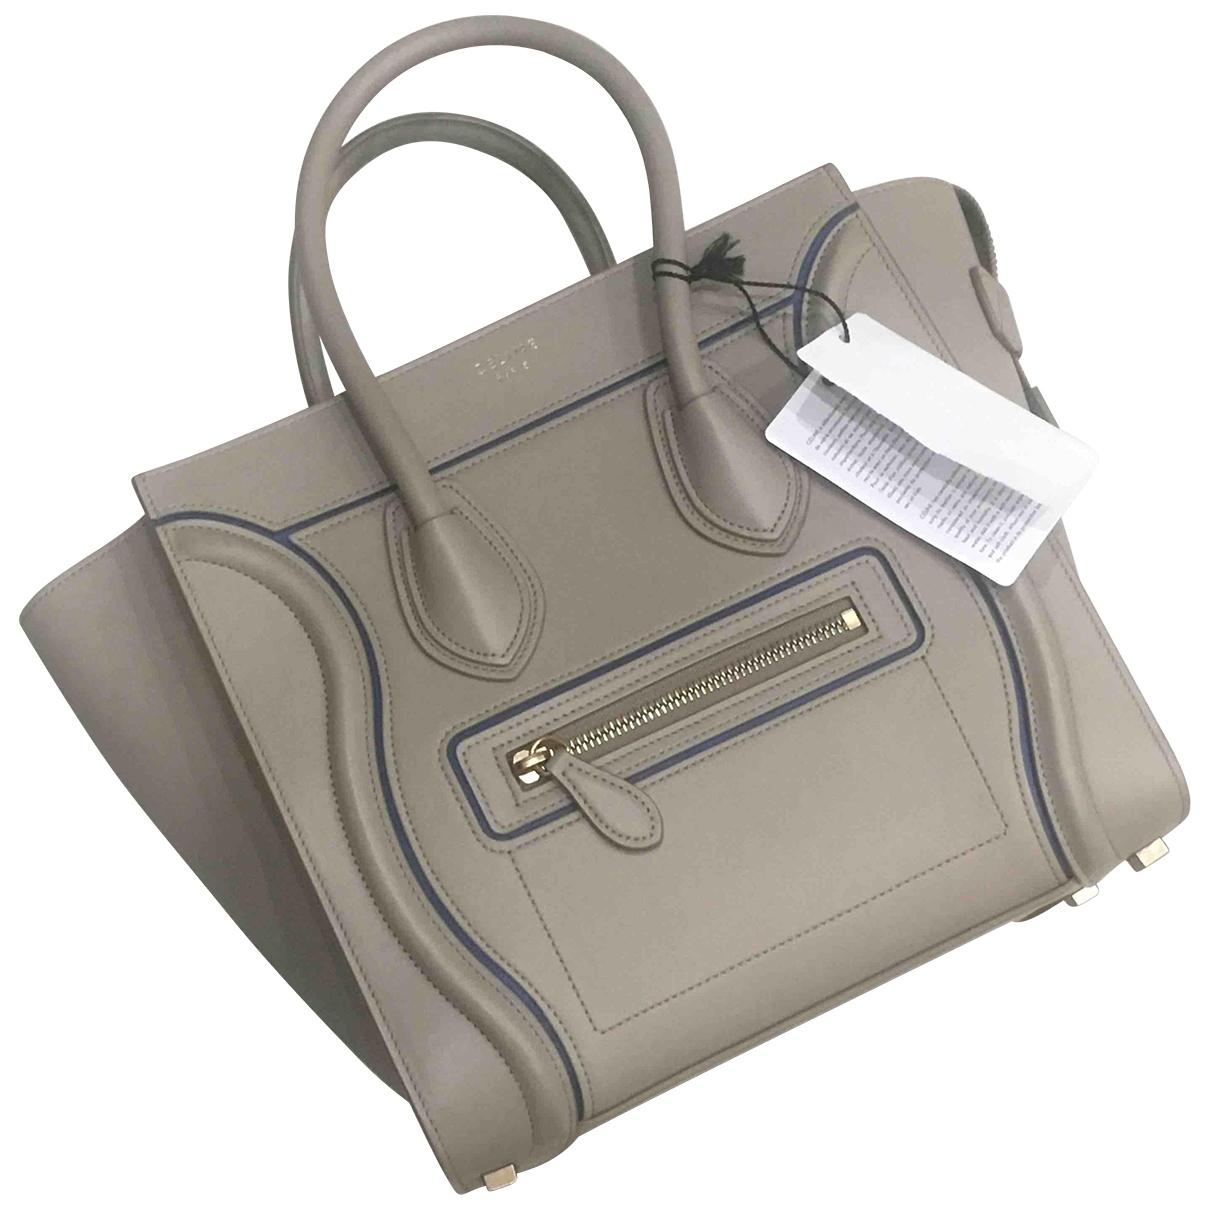 Celine Luggage Handtasche in  Grau Leder